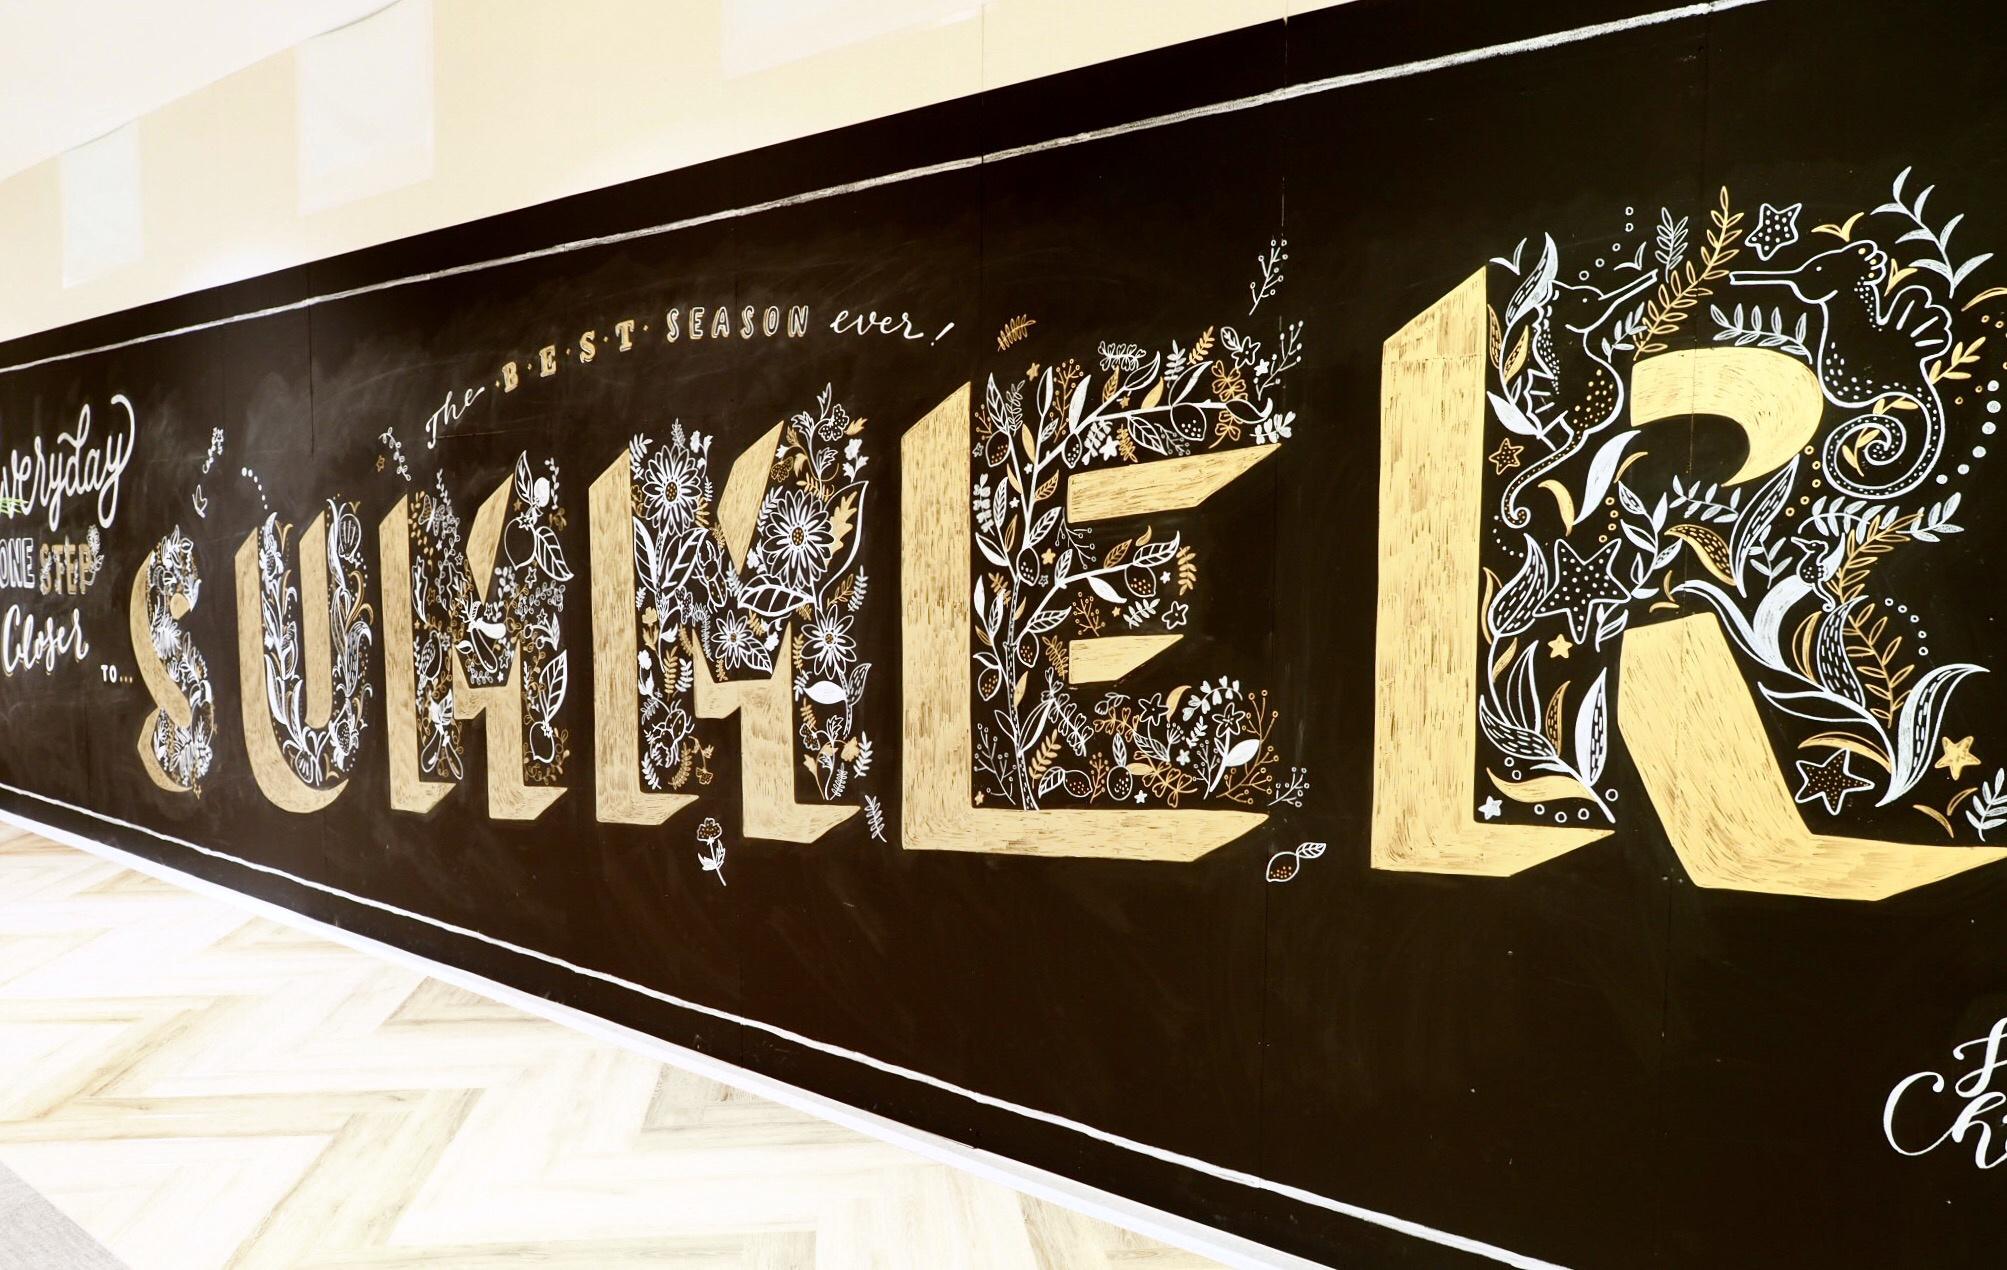 """横浜市にあるショッピングモール「north port mall」内の壁に描かせていただきました。7月にリニューアルオープン予定の場所なので、夏が楽しみになるようなイメージを考えました。 今回はひとつひとつのアルファベットを """"夏に出合う自然"""" をモチーフに描くこと、そして自分の絵に深みを持たせることに挑戦するため、ウィリアム・モリスの壁紙パターンをたくさんスケッチして参考にしました。 残念ながらもう見ることはできません。 Hand-painted for north port mall, a shopping mall in Yokohama. I drew each letter with different animals and nature, and was highly inspired by William Morris's beautiful wall paper designs."""